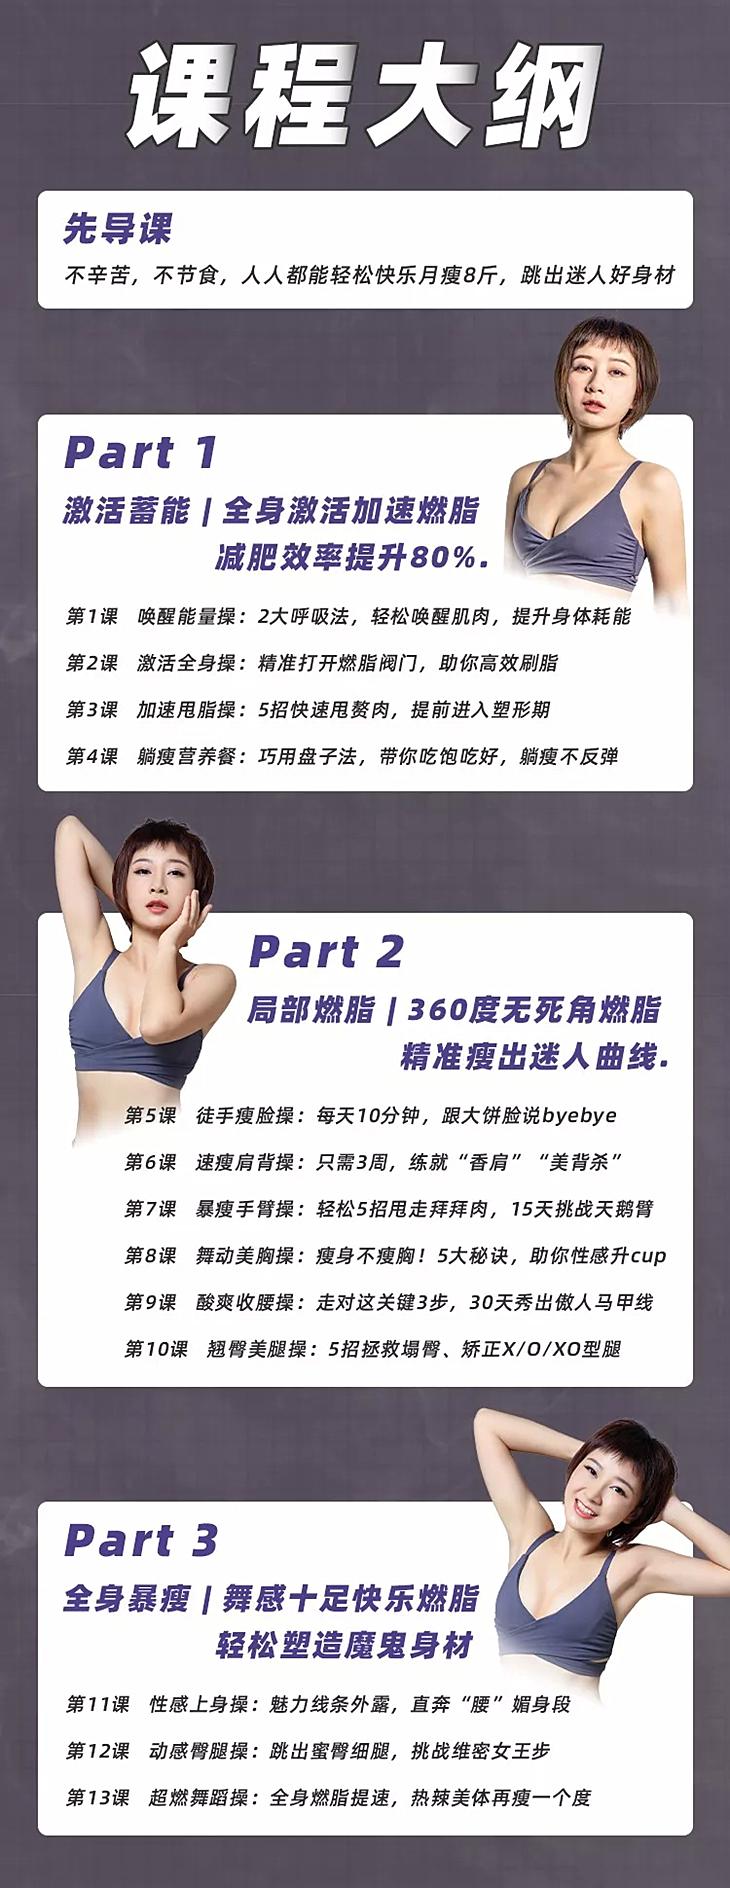 【暴瘦有氧操】每天15分钟,轻松月瘦8斤,跳出迷人好身材!